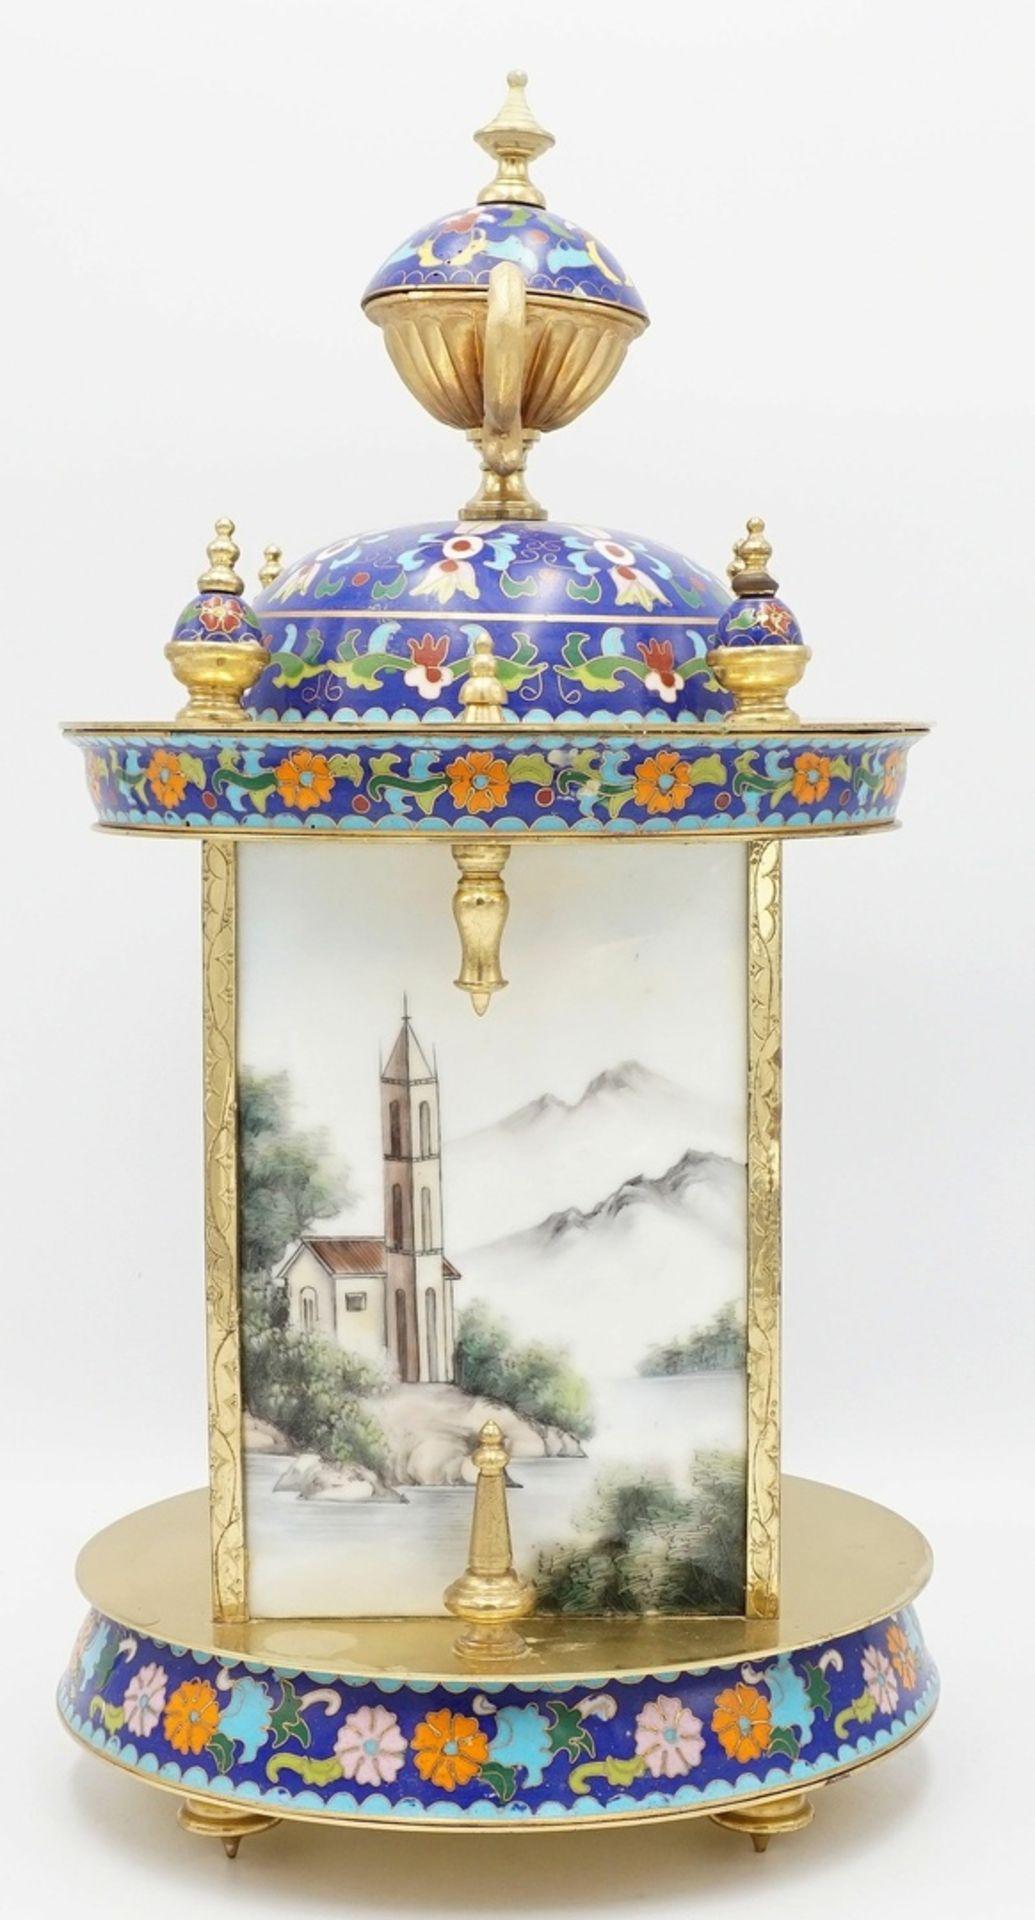 Orientalische Cloisonné Tischuhr, 2. Hälfte 20. Jh. - Bild 2 aus 5